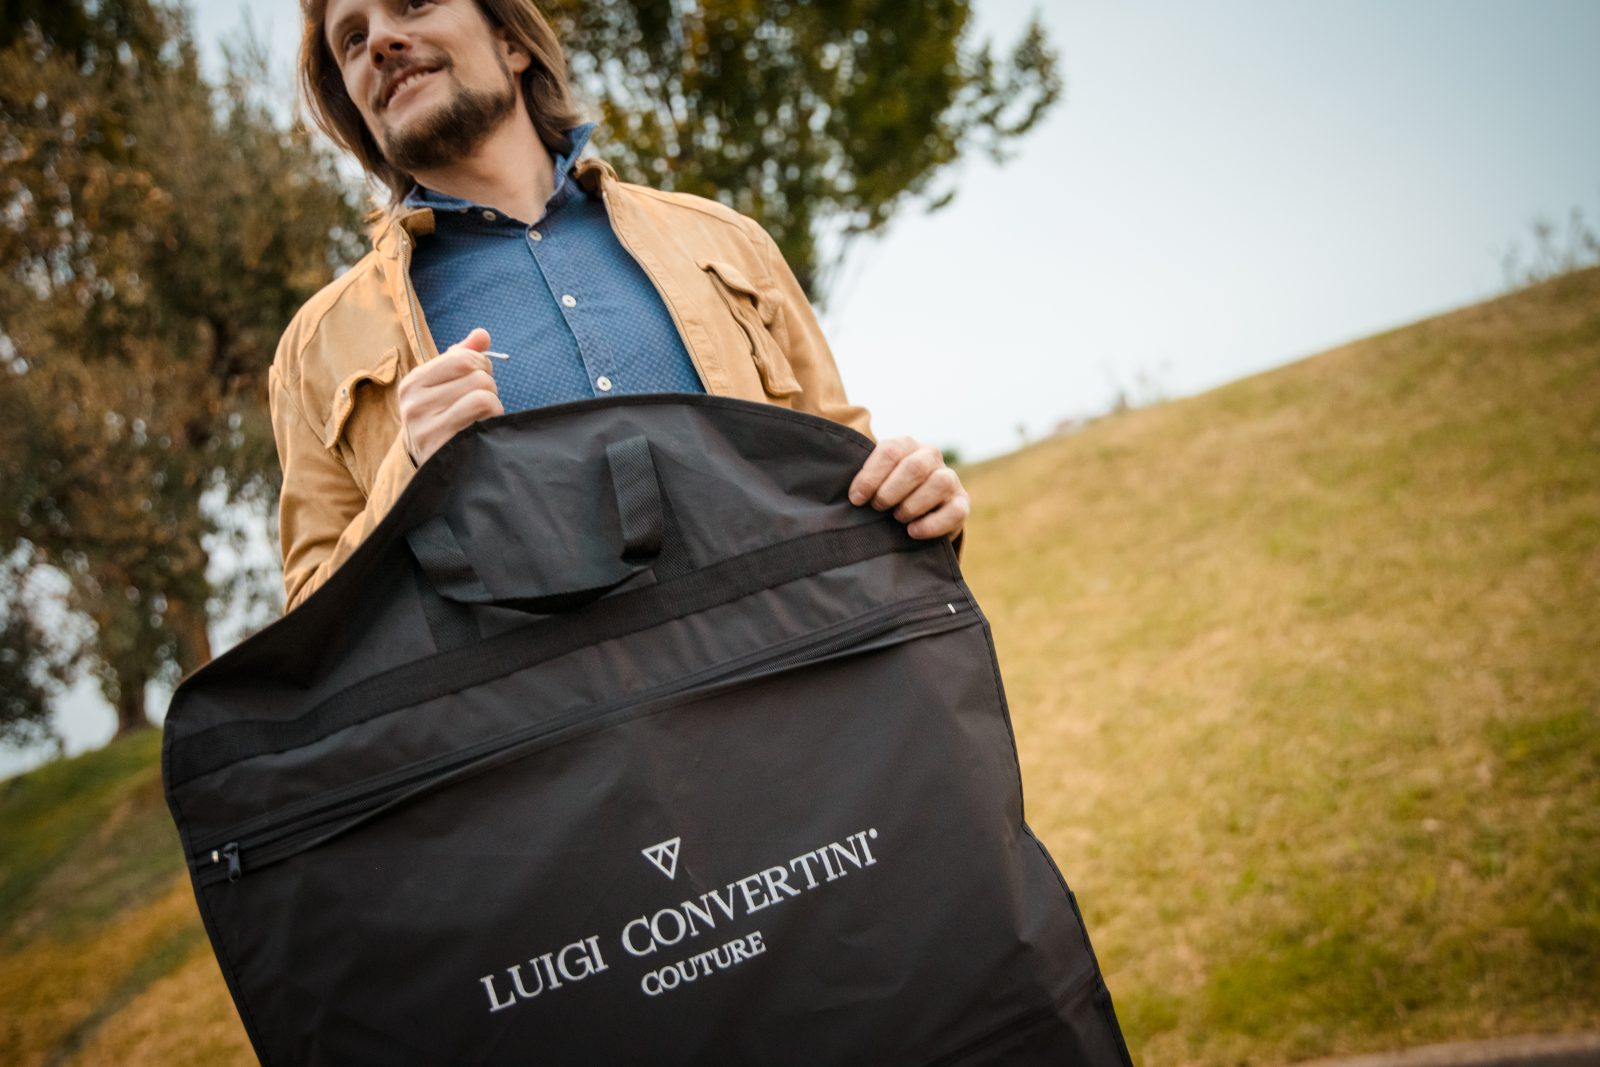 Luigi Convertini 2020